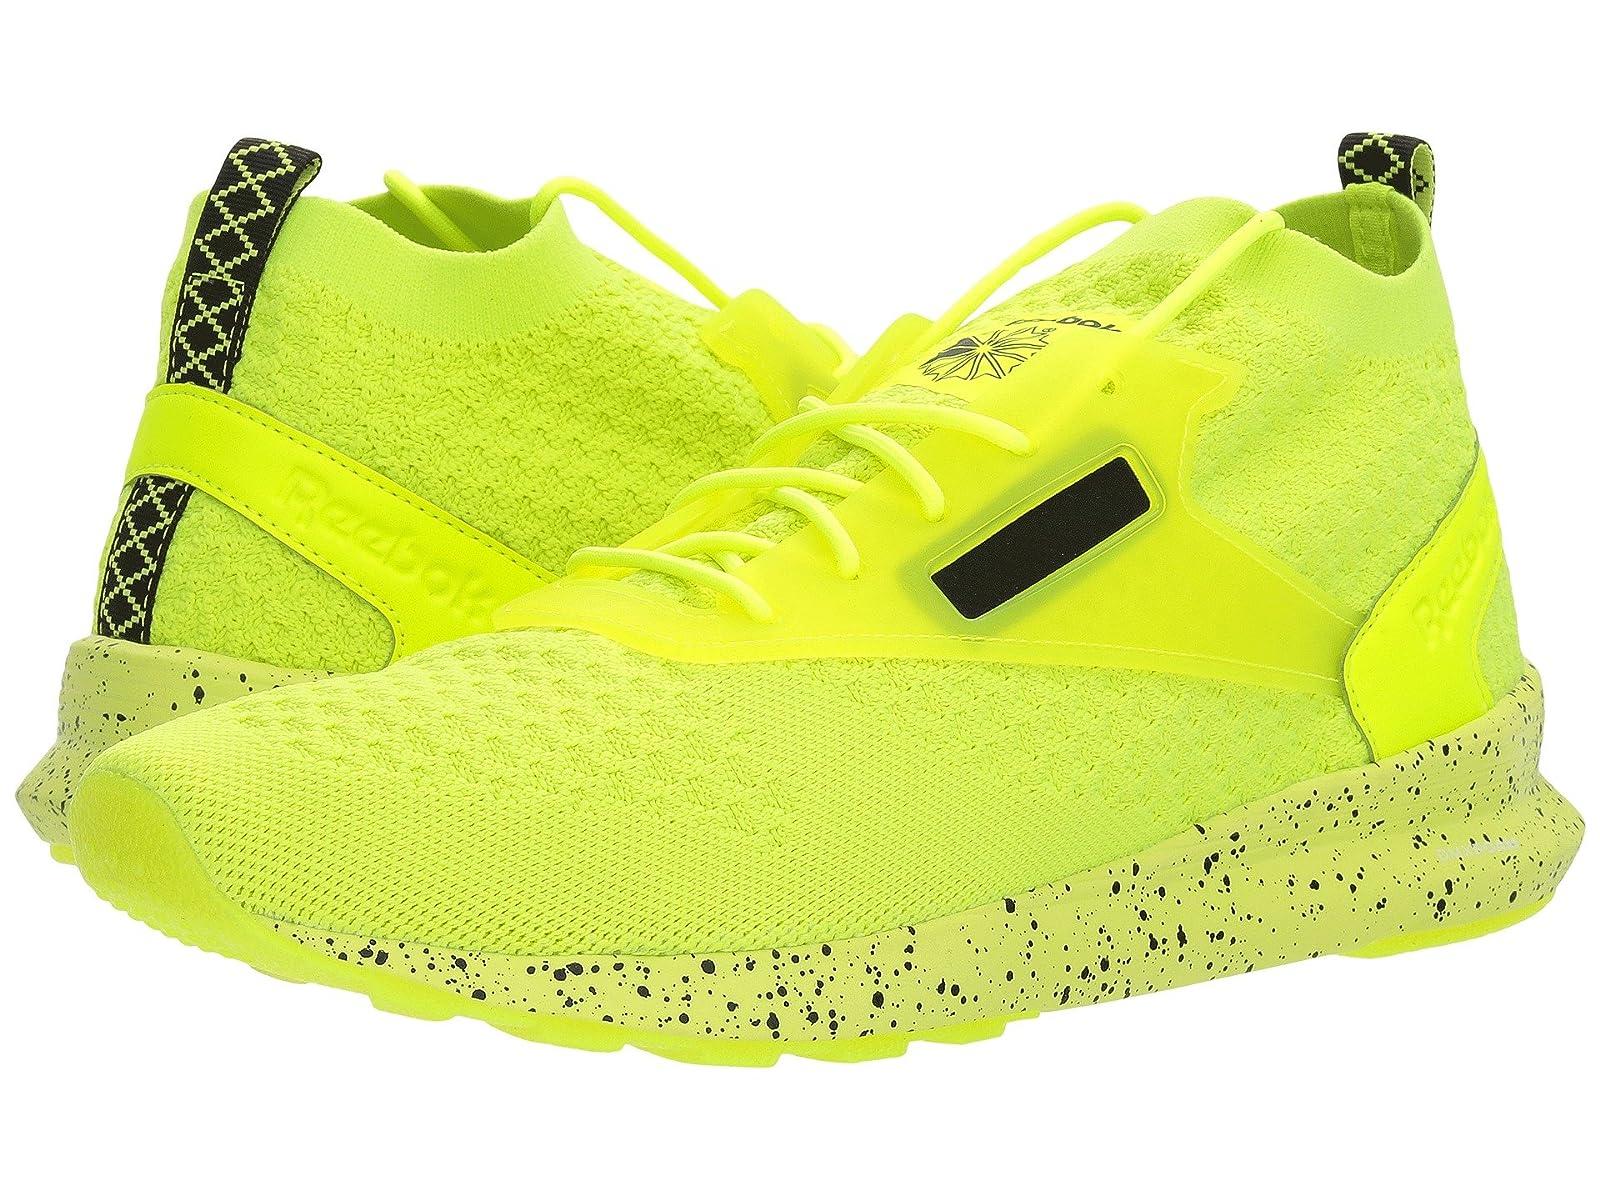 Reebok Zoku Runner ULTK ISCheap and distinctive eye-catching shoes